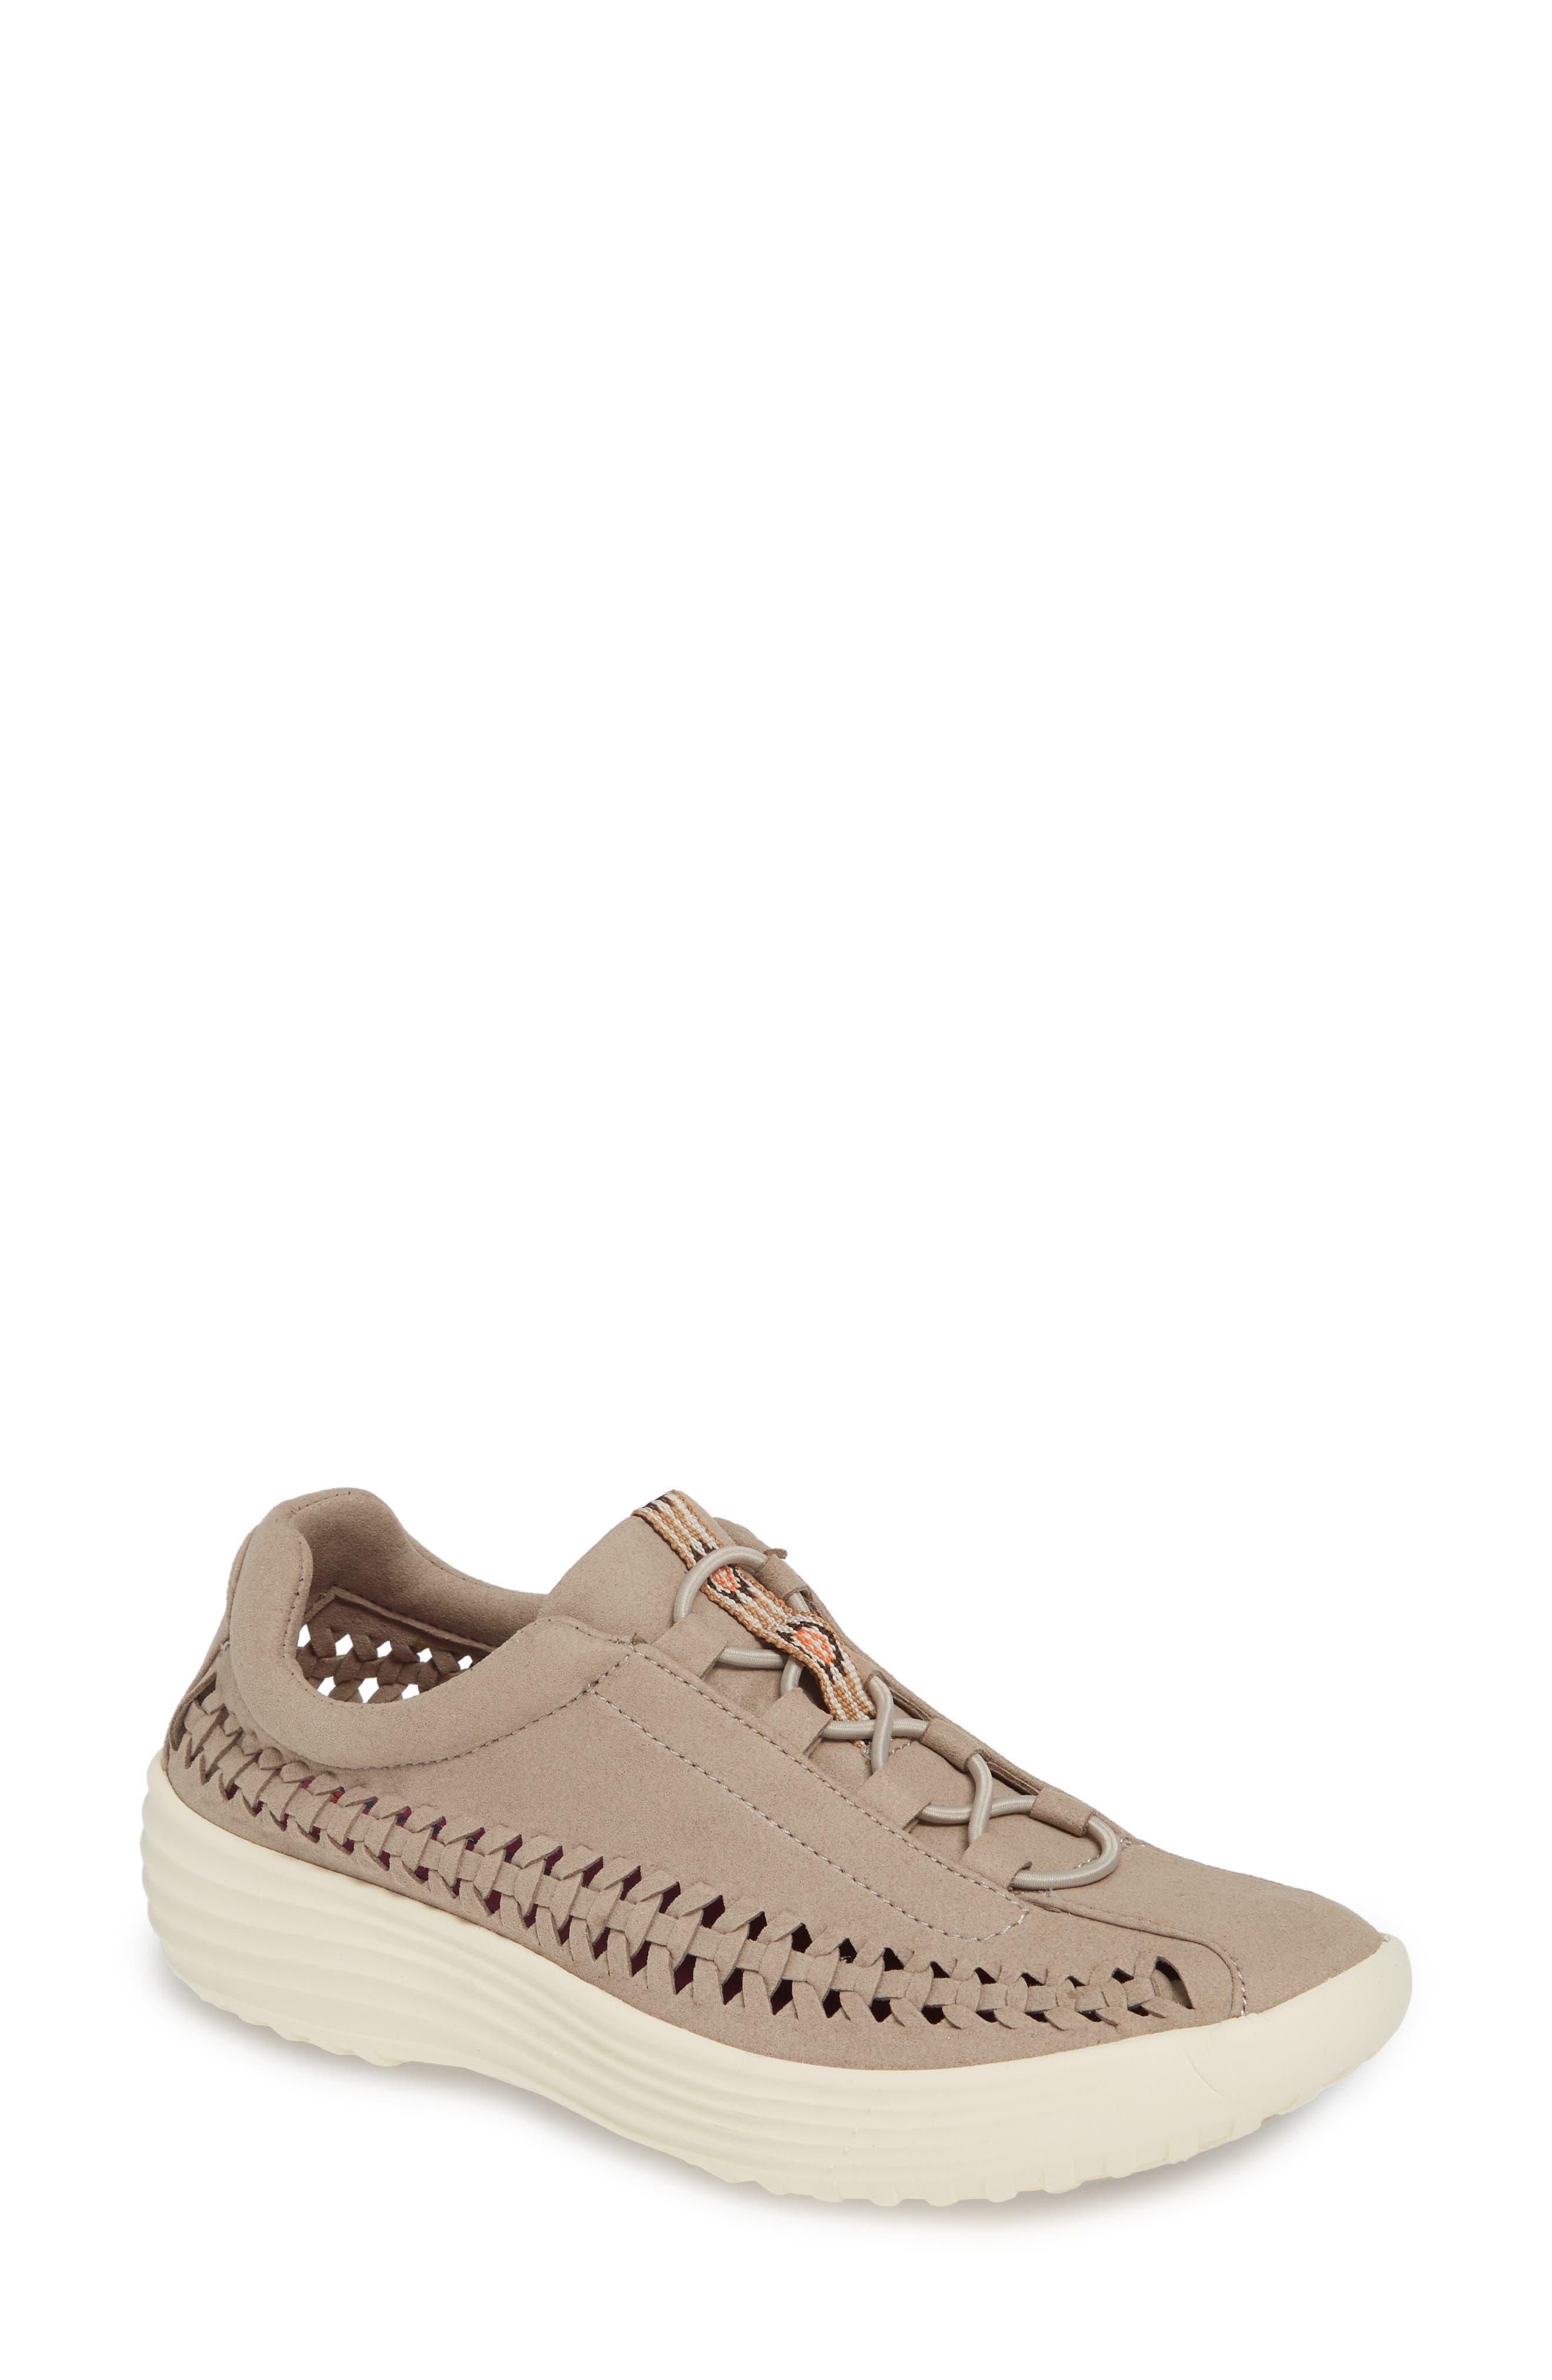 Bionica Marea Slip-On Sneaker, Grey